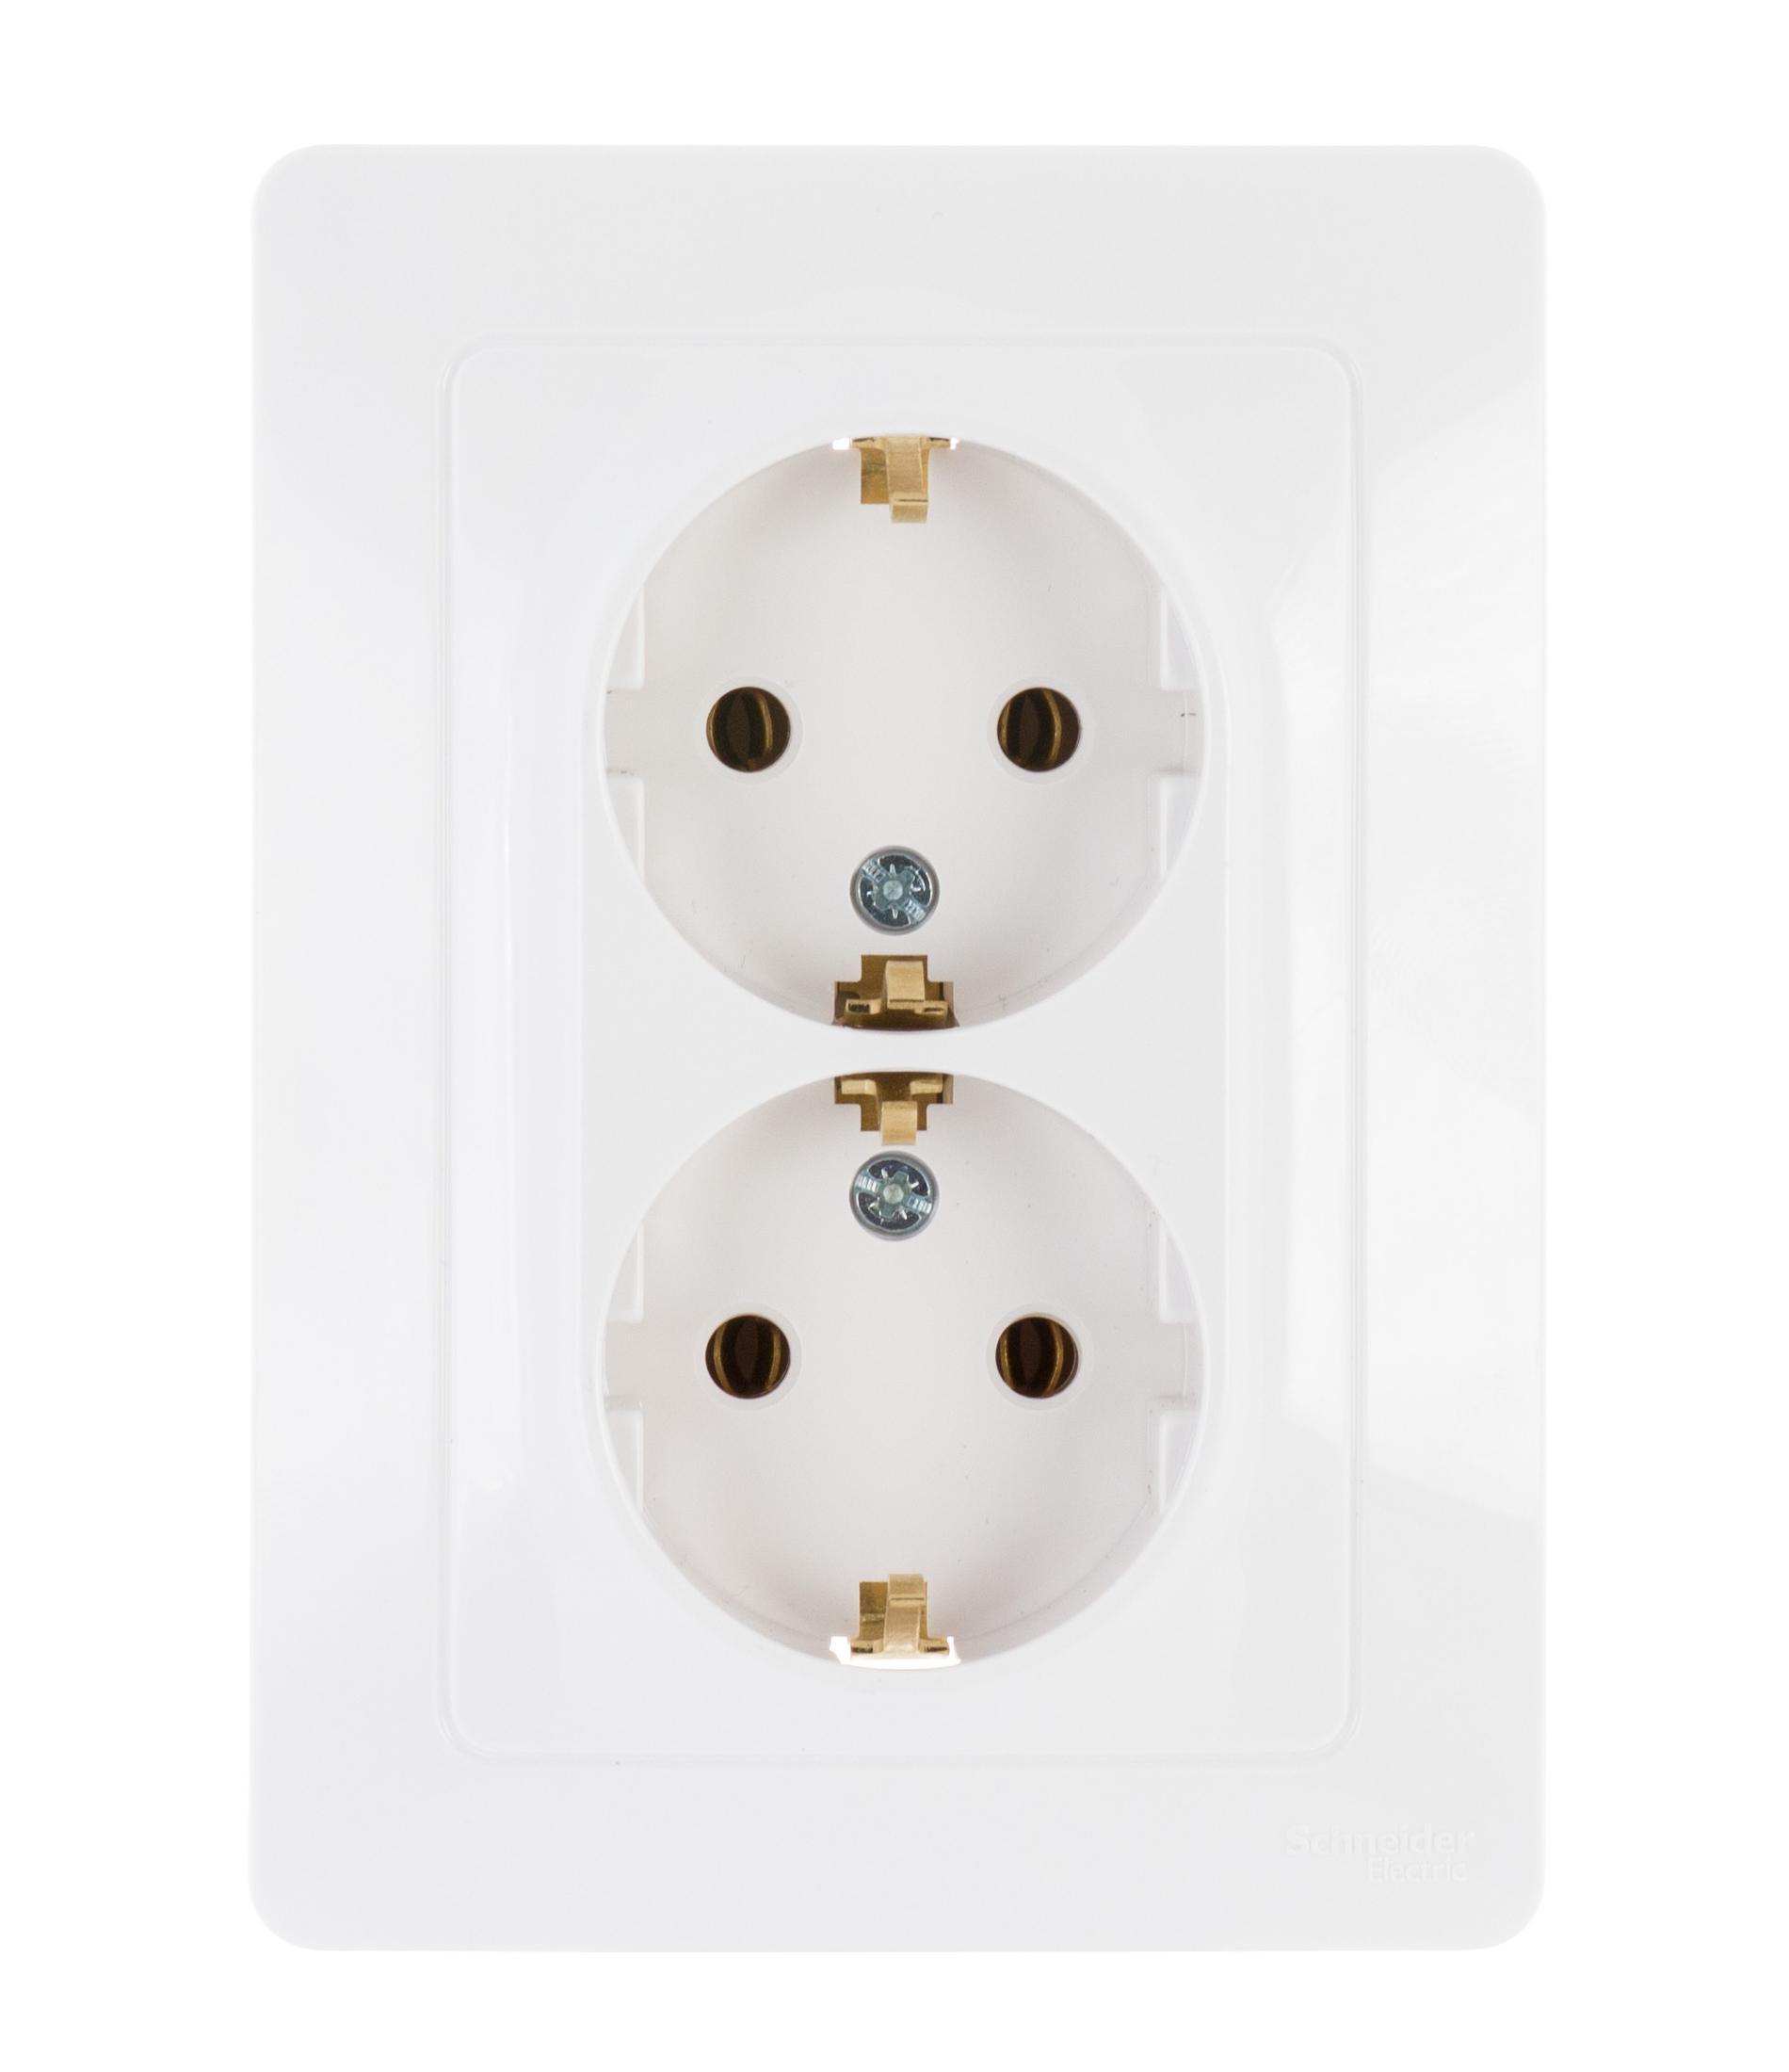 Купить Розетка Schneider electric Blnrs001021 blanca